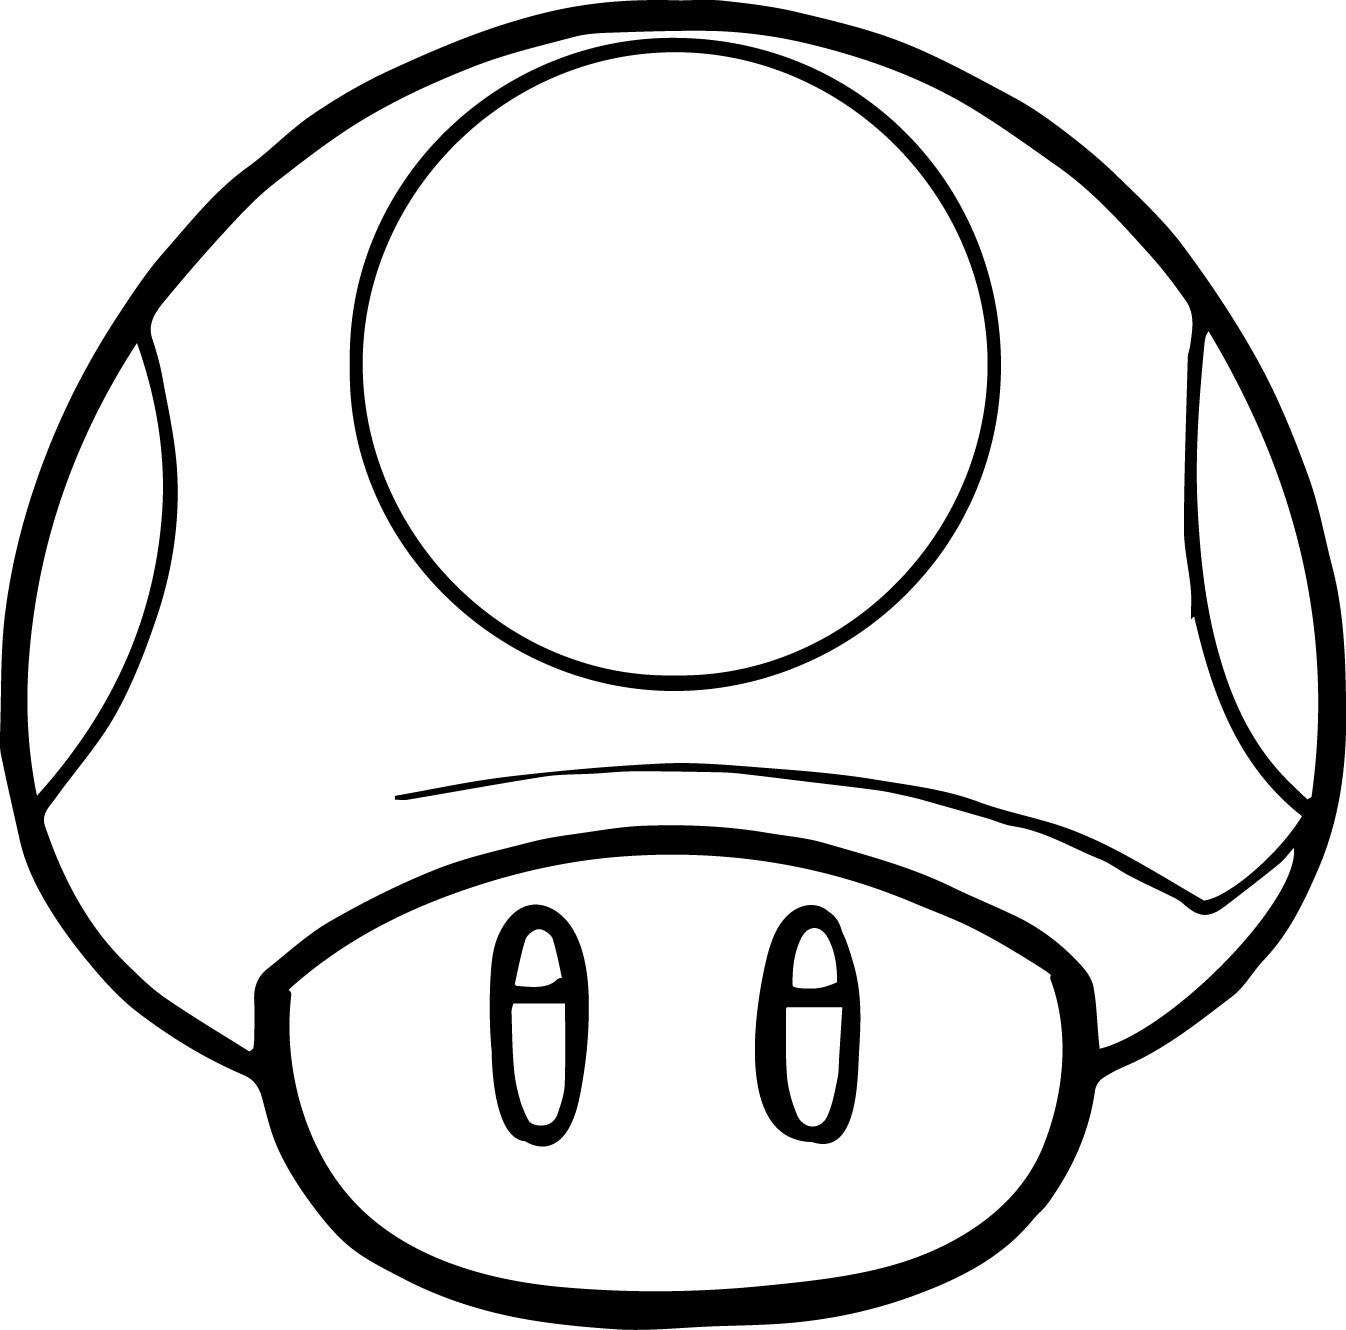 Mario Zum Ausmalen Einzigartig 28 Schön Mario Und Luigi Ausmalbilder Mickeycarrollmunchkin Elegant Stock